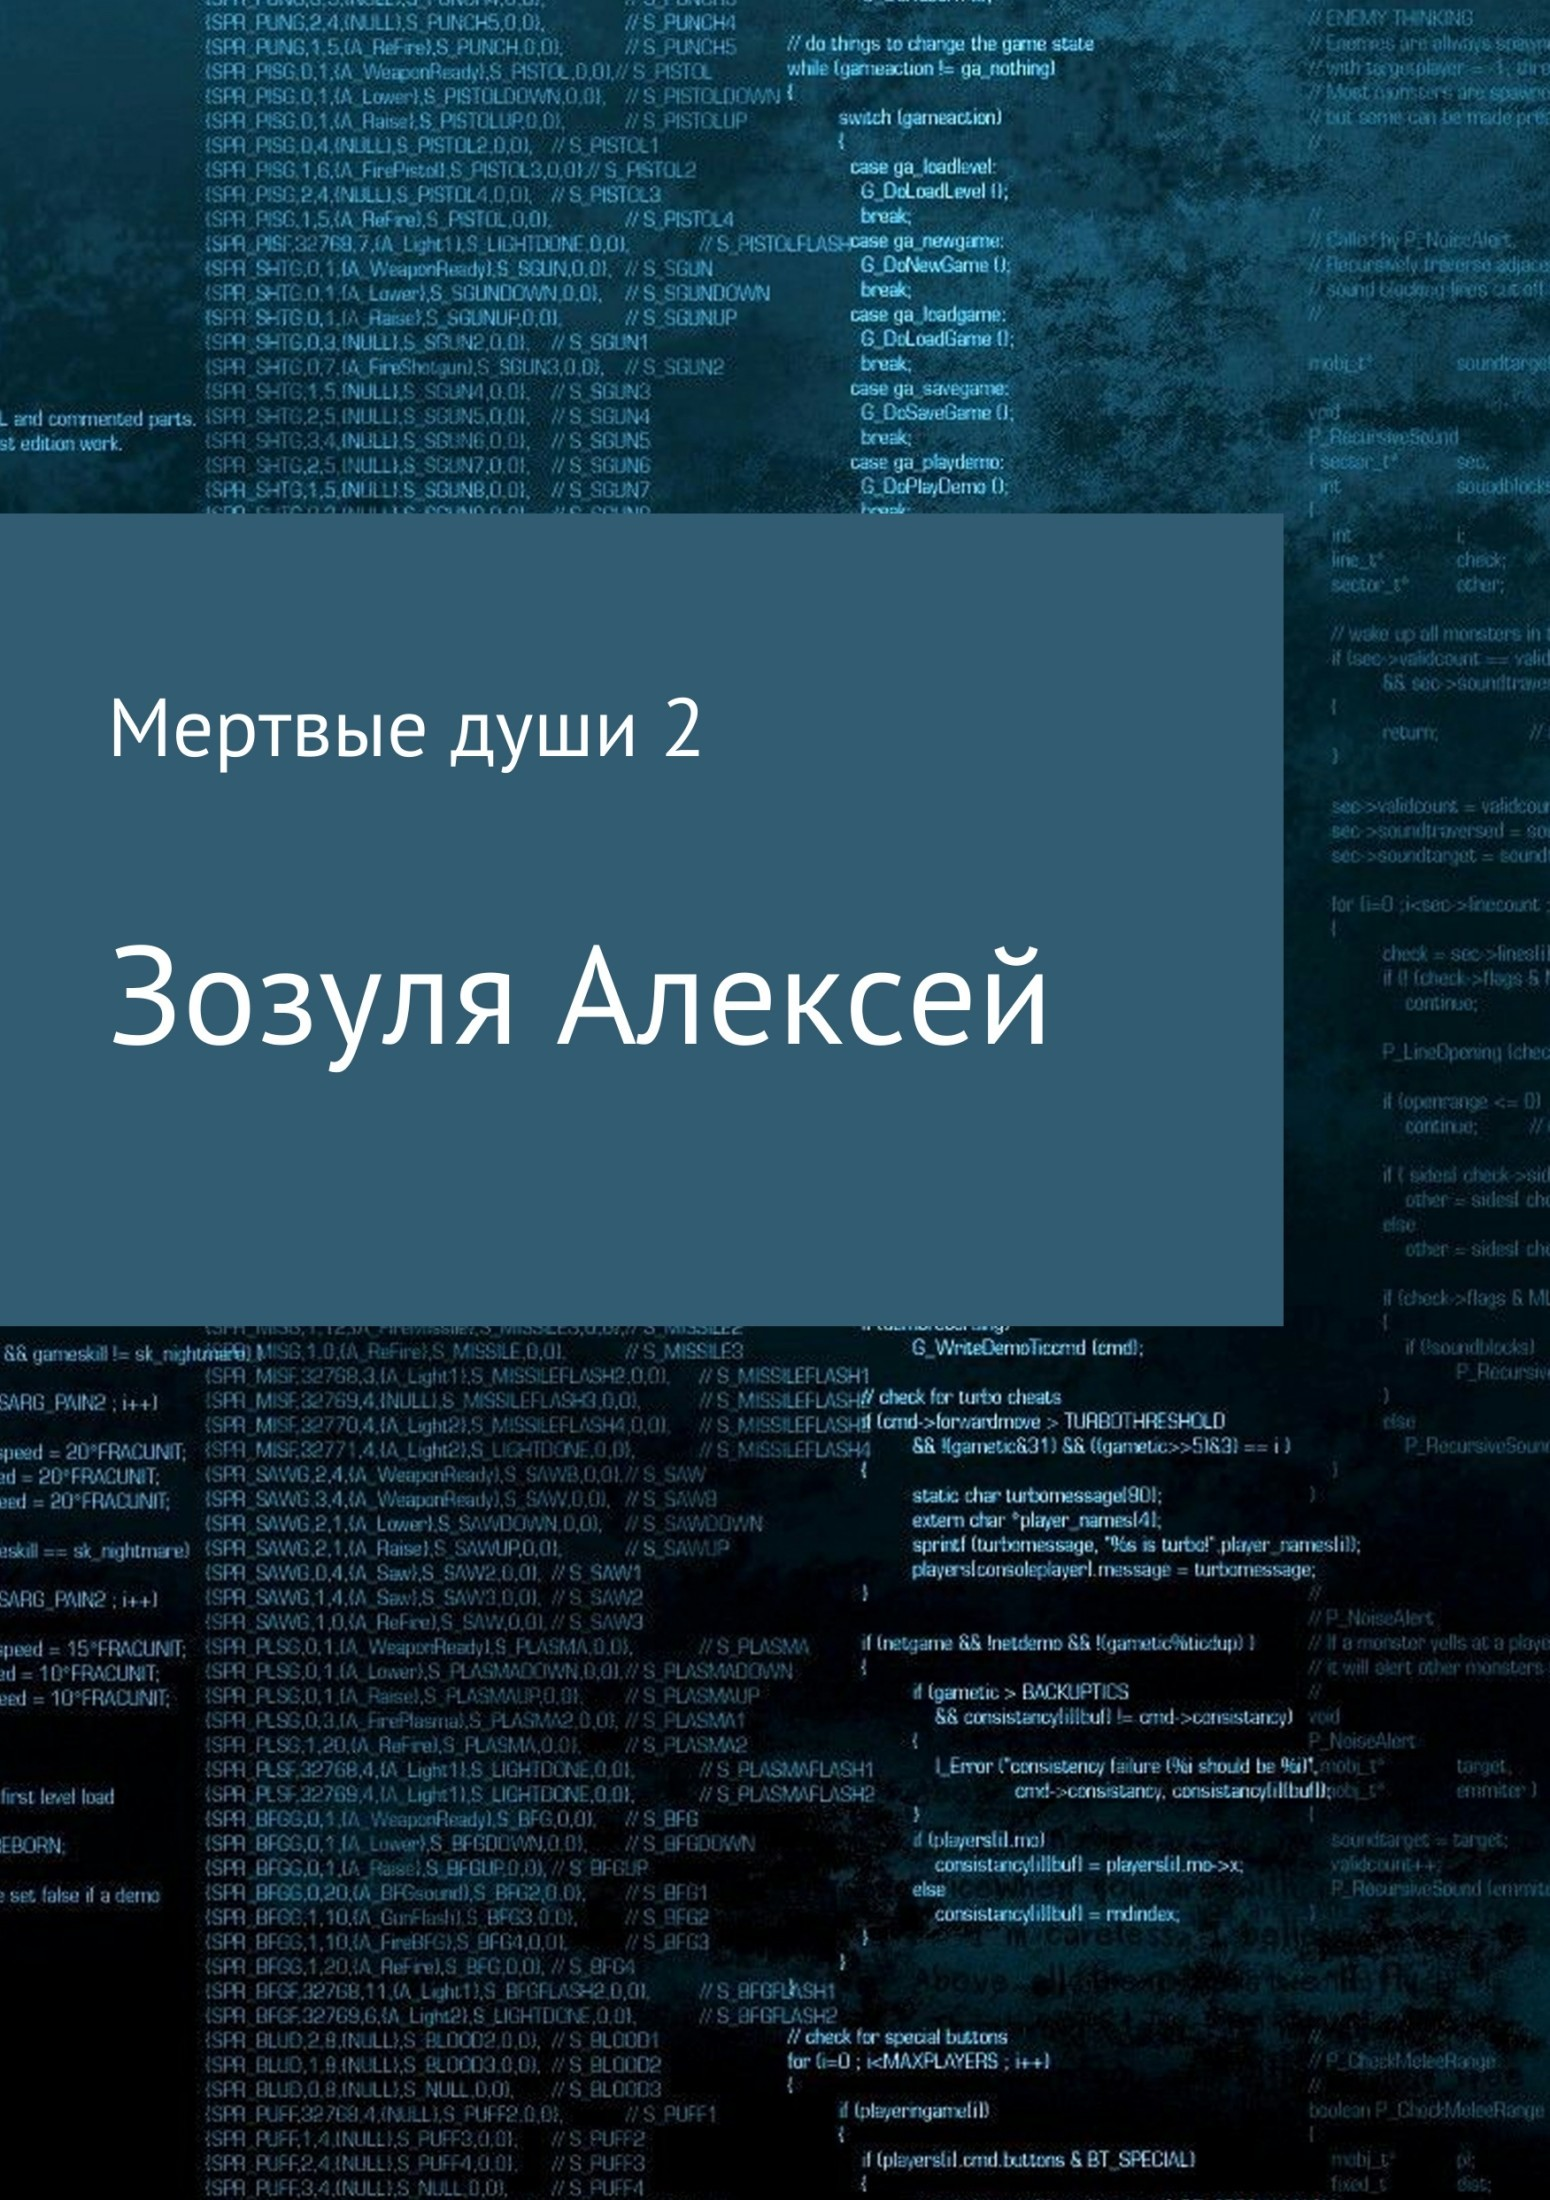 Алексей Юрьевич Зозуля. Мертвые души 2